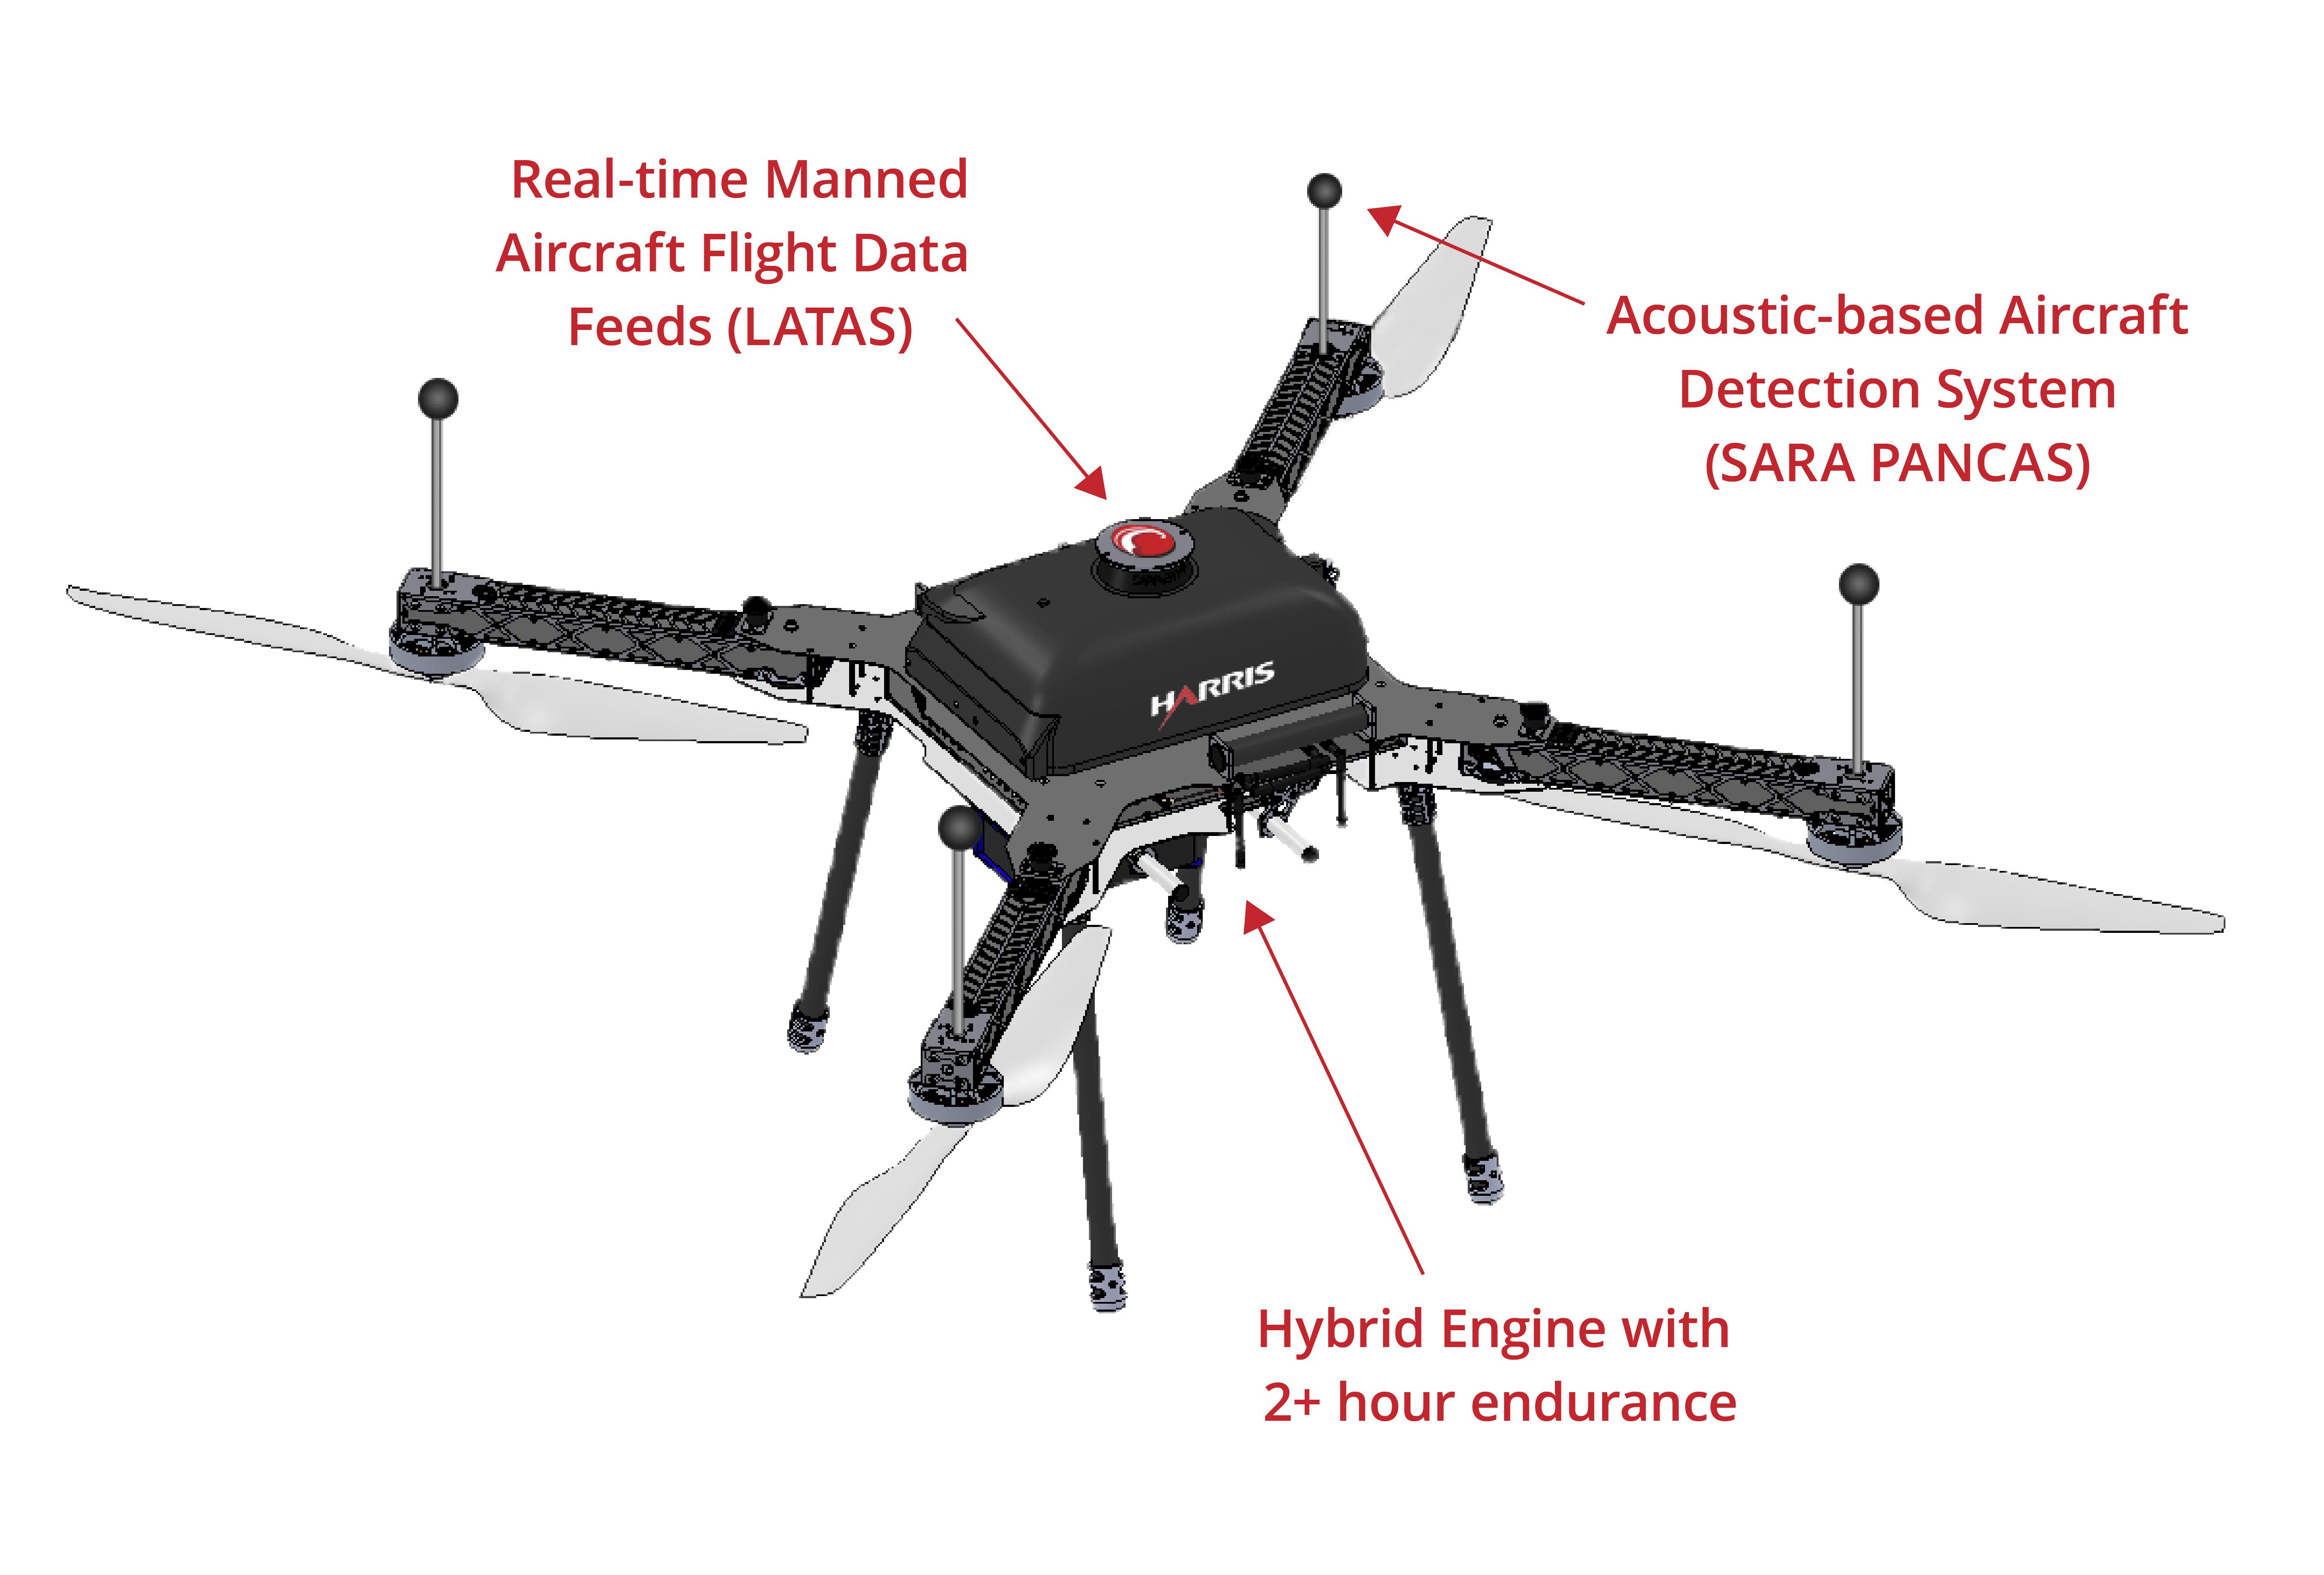 bvlos-drone